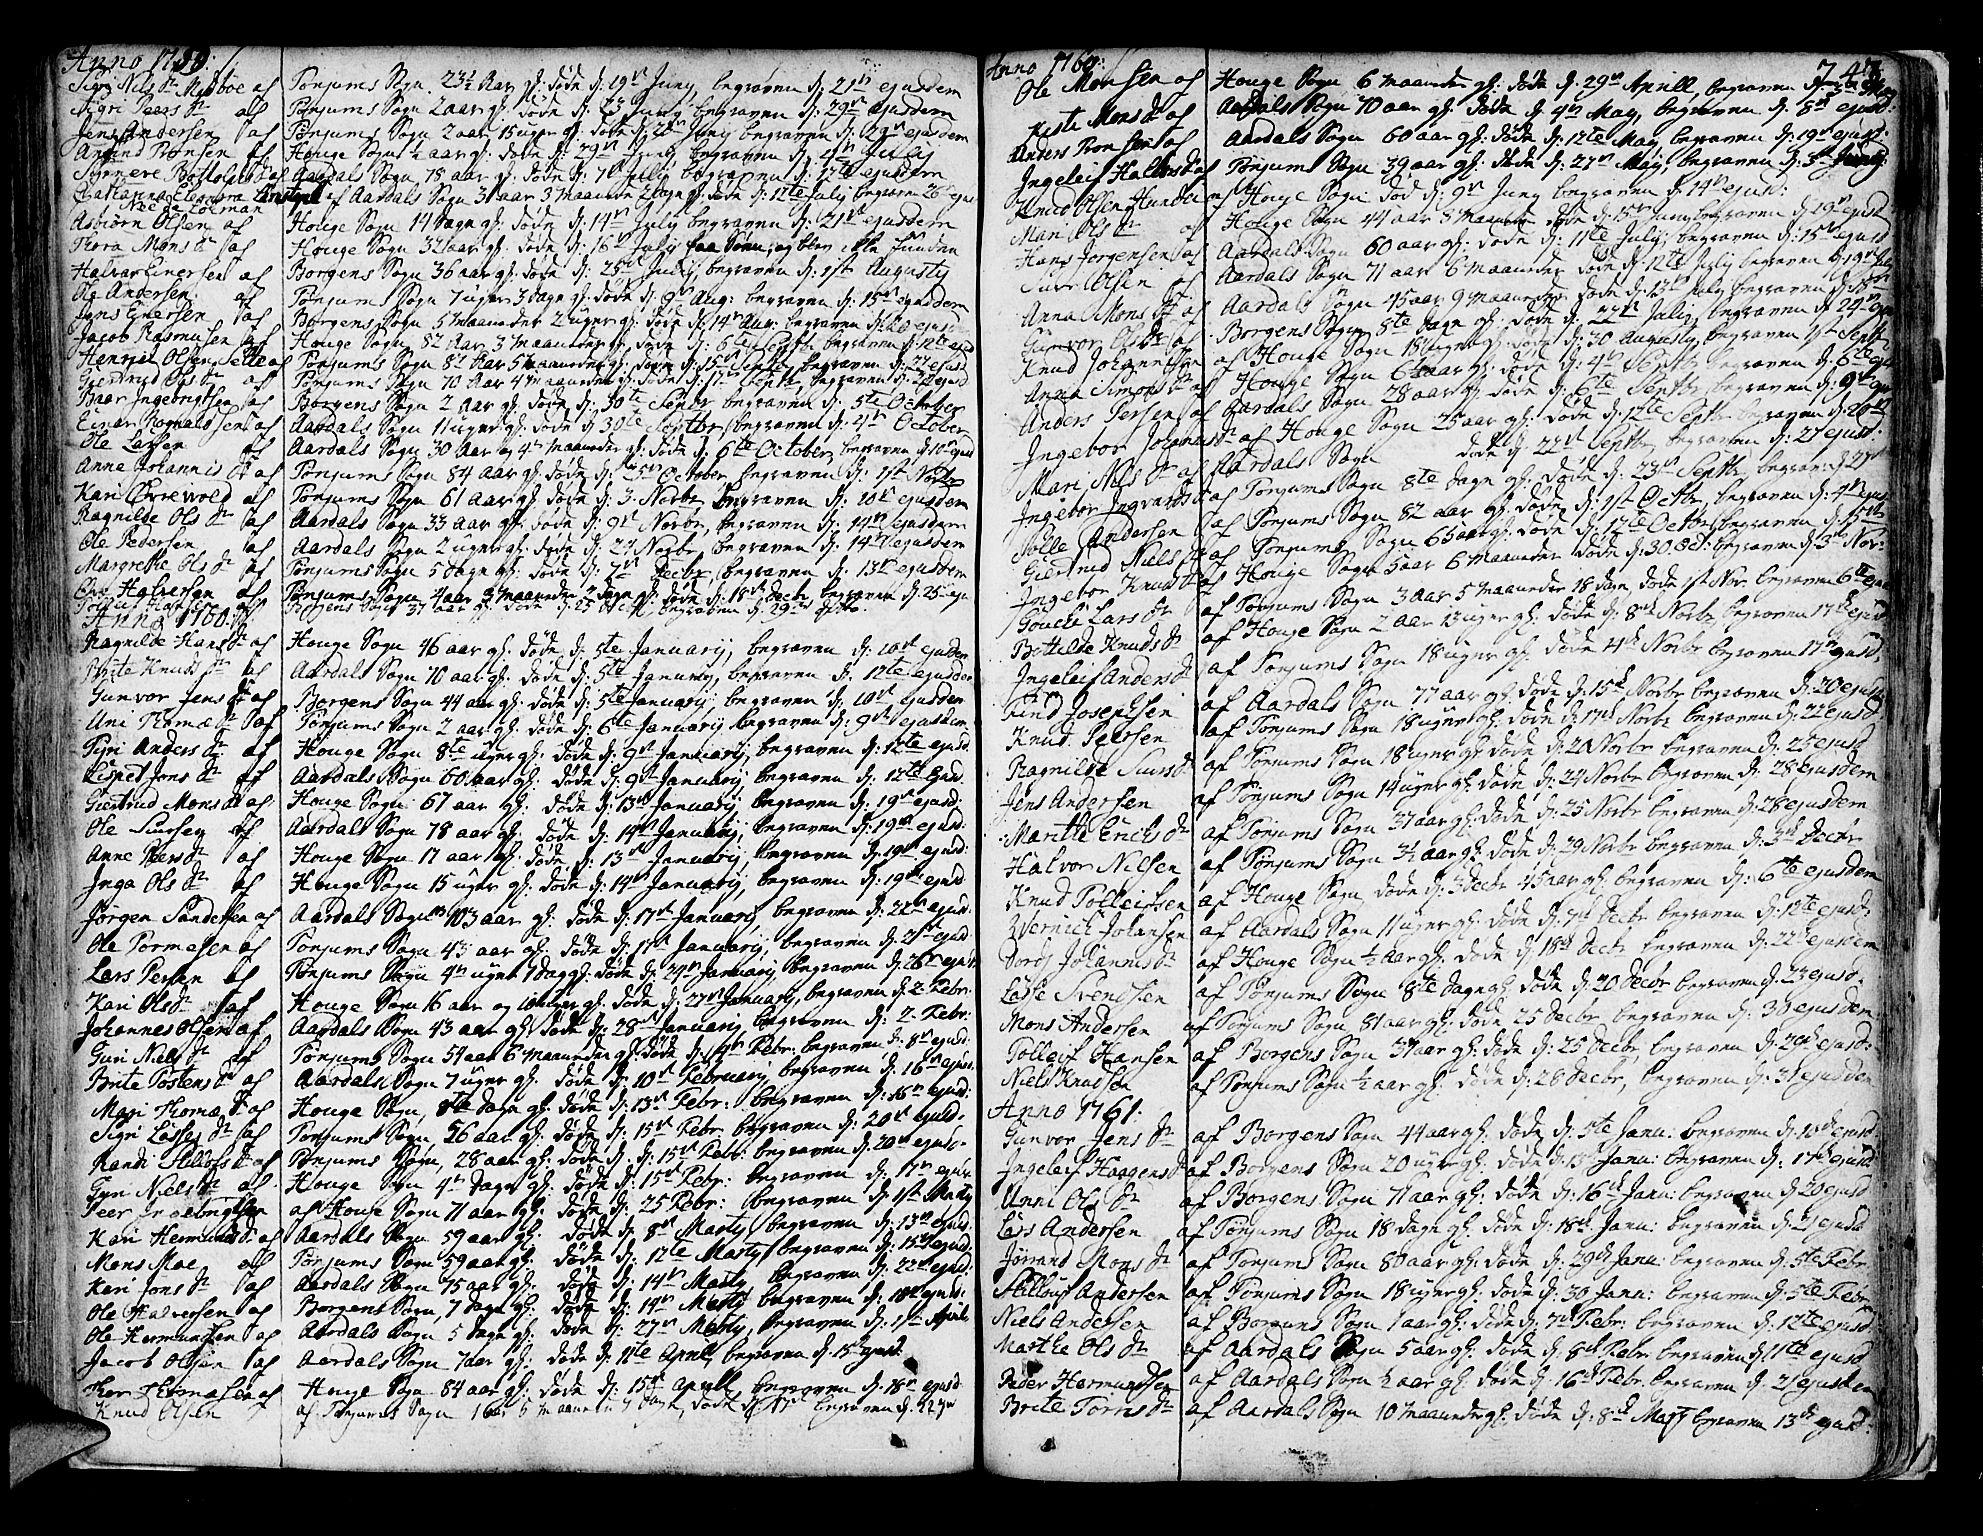 SAB, Lærdal sokneprestembete, Ministerialbok nr. A 2, 1752-1782, s. 243